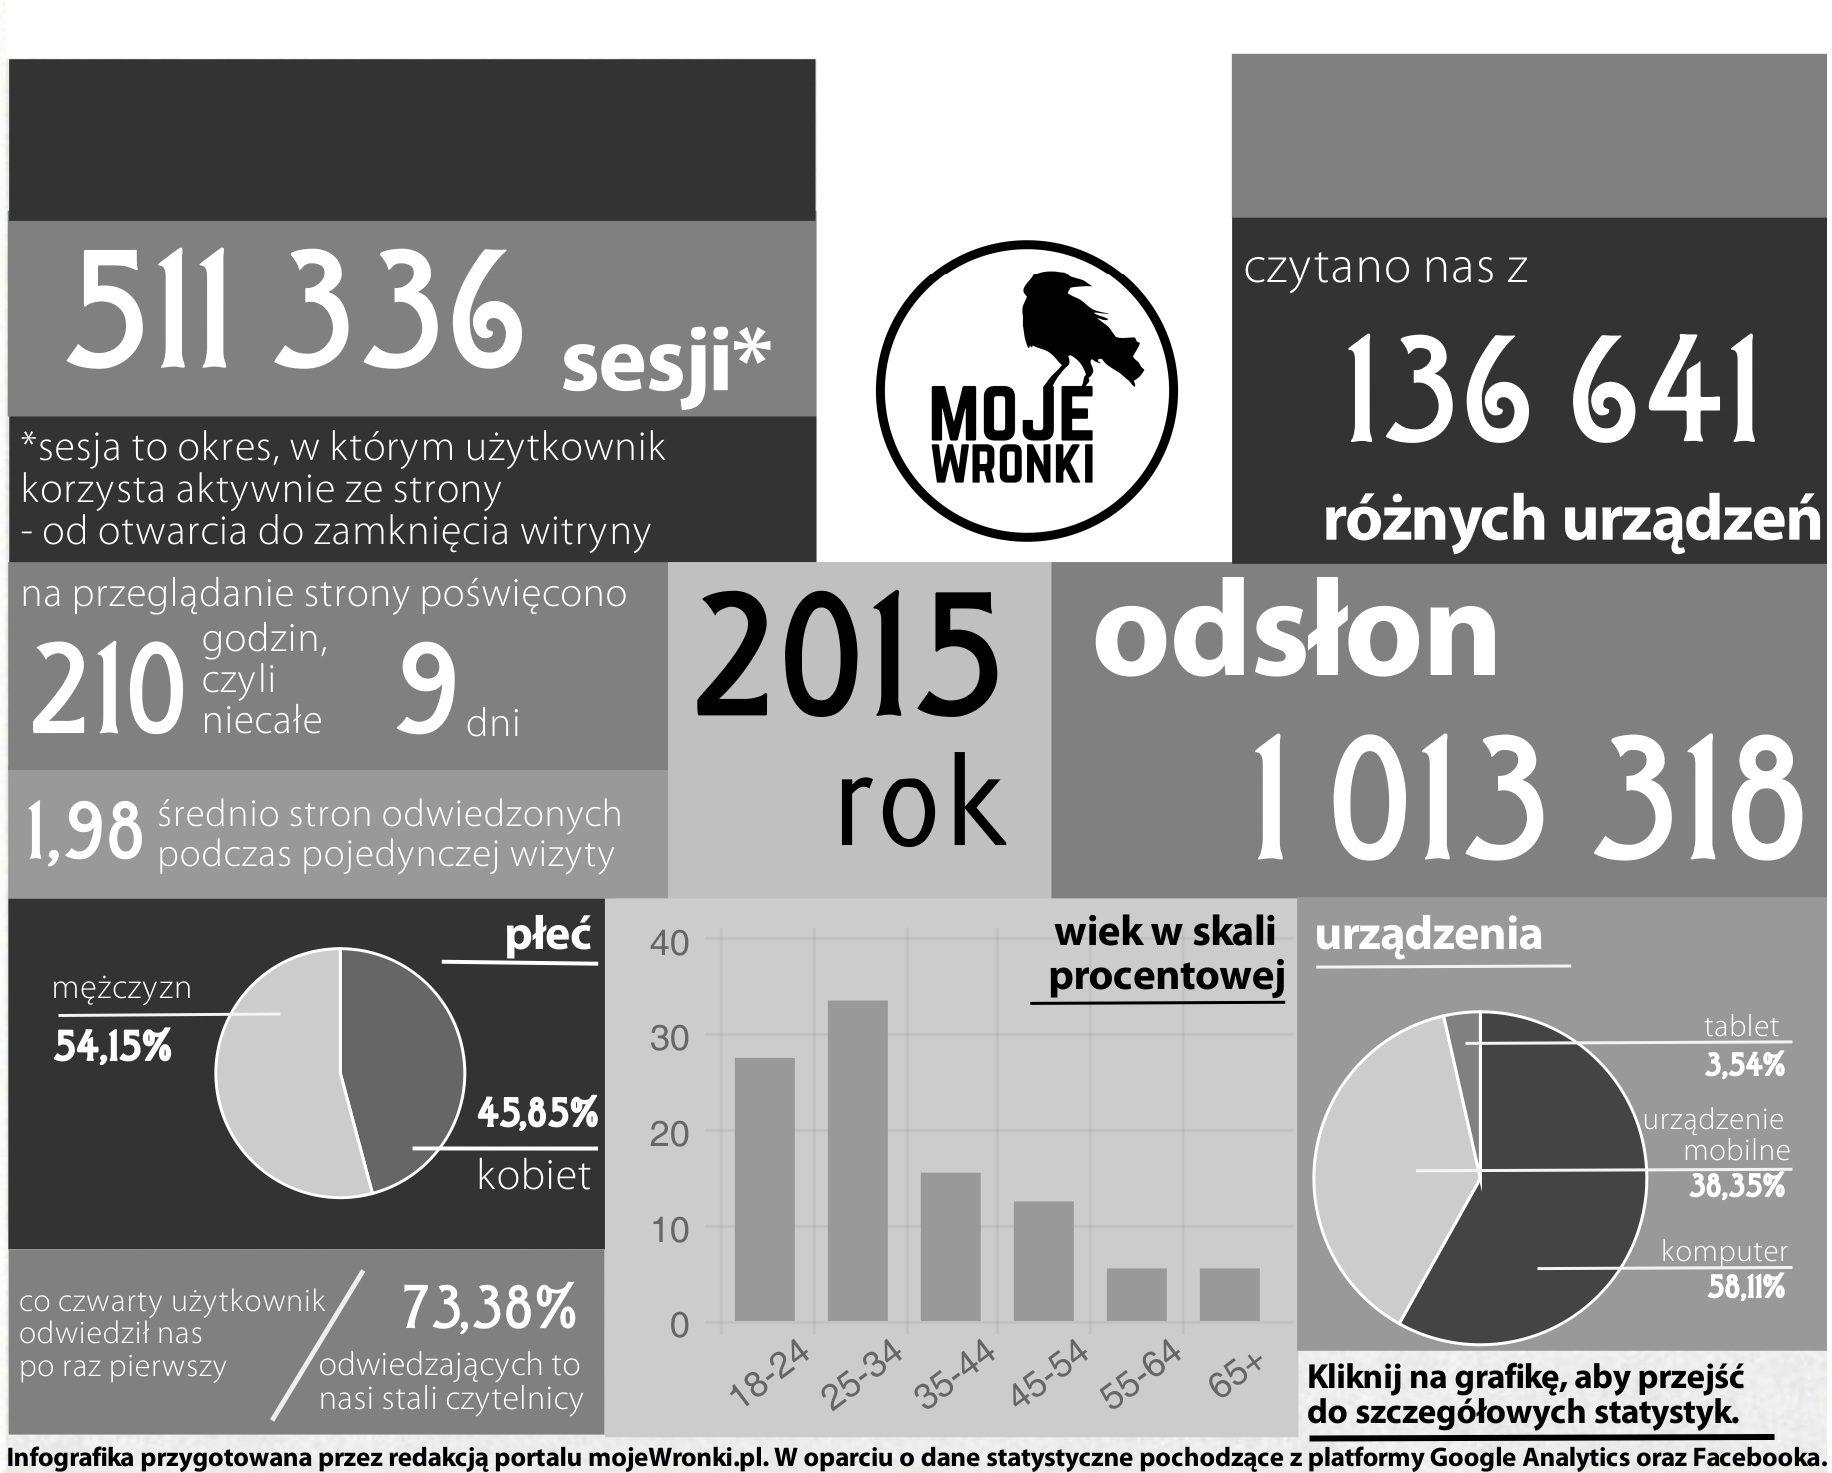 infografika_skrot